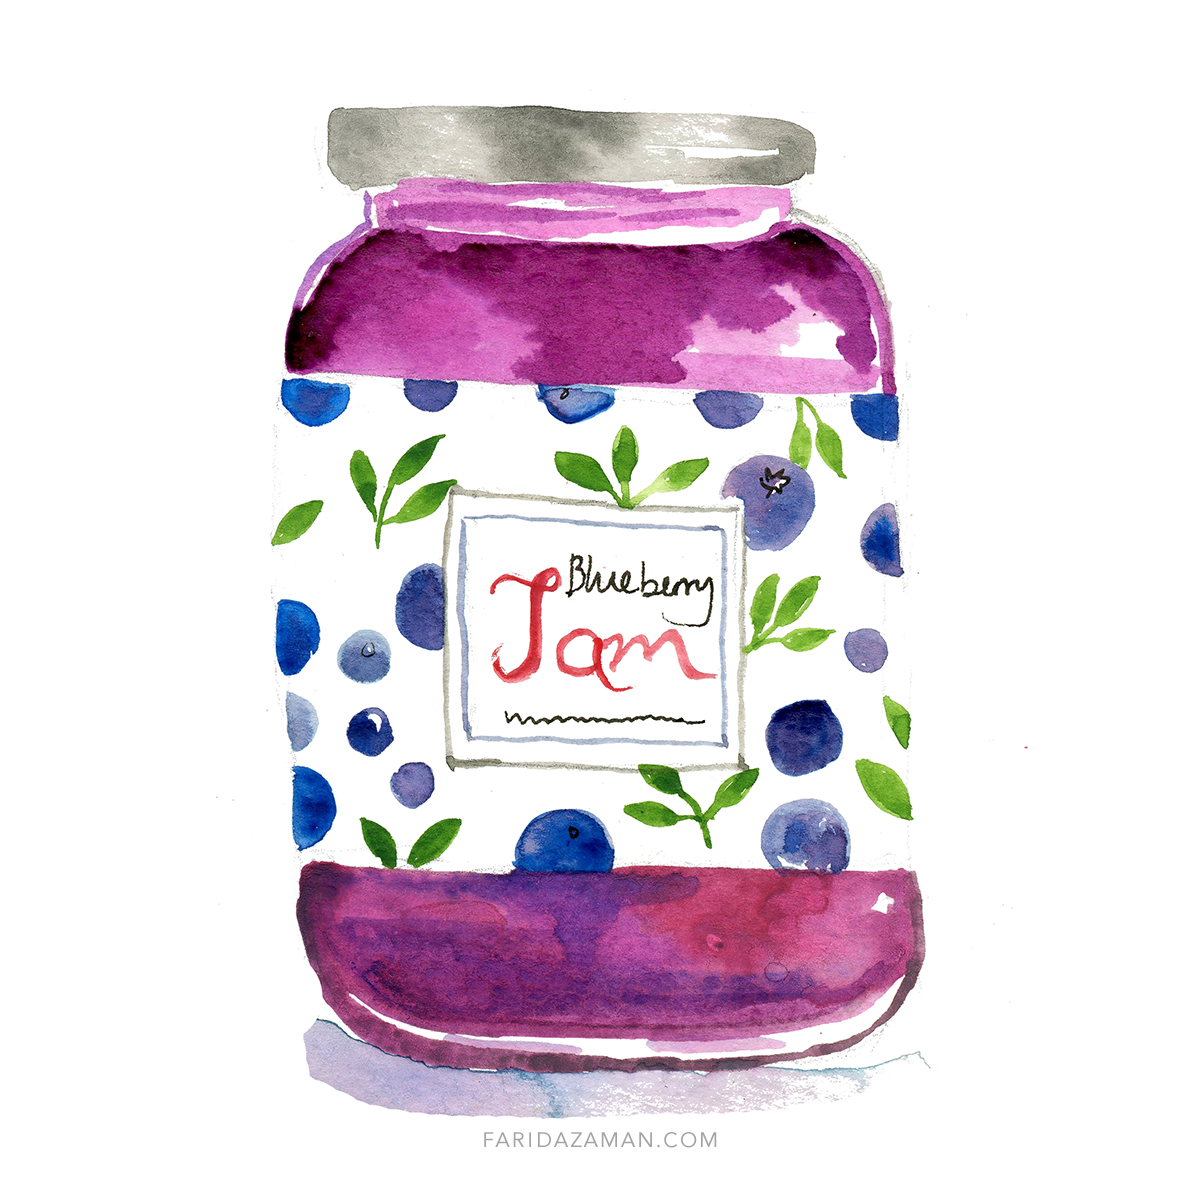 blueberry jam.jpg